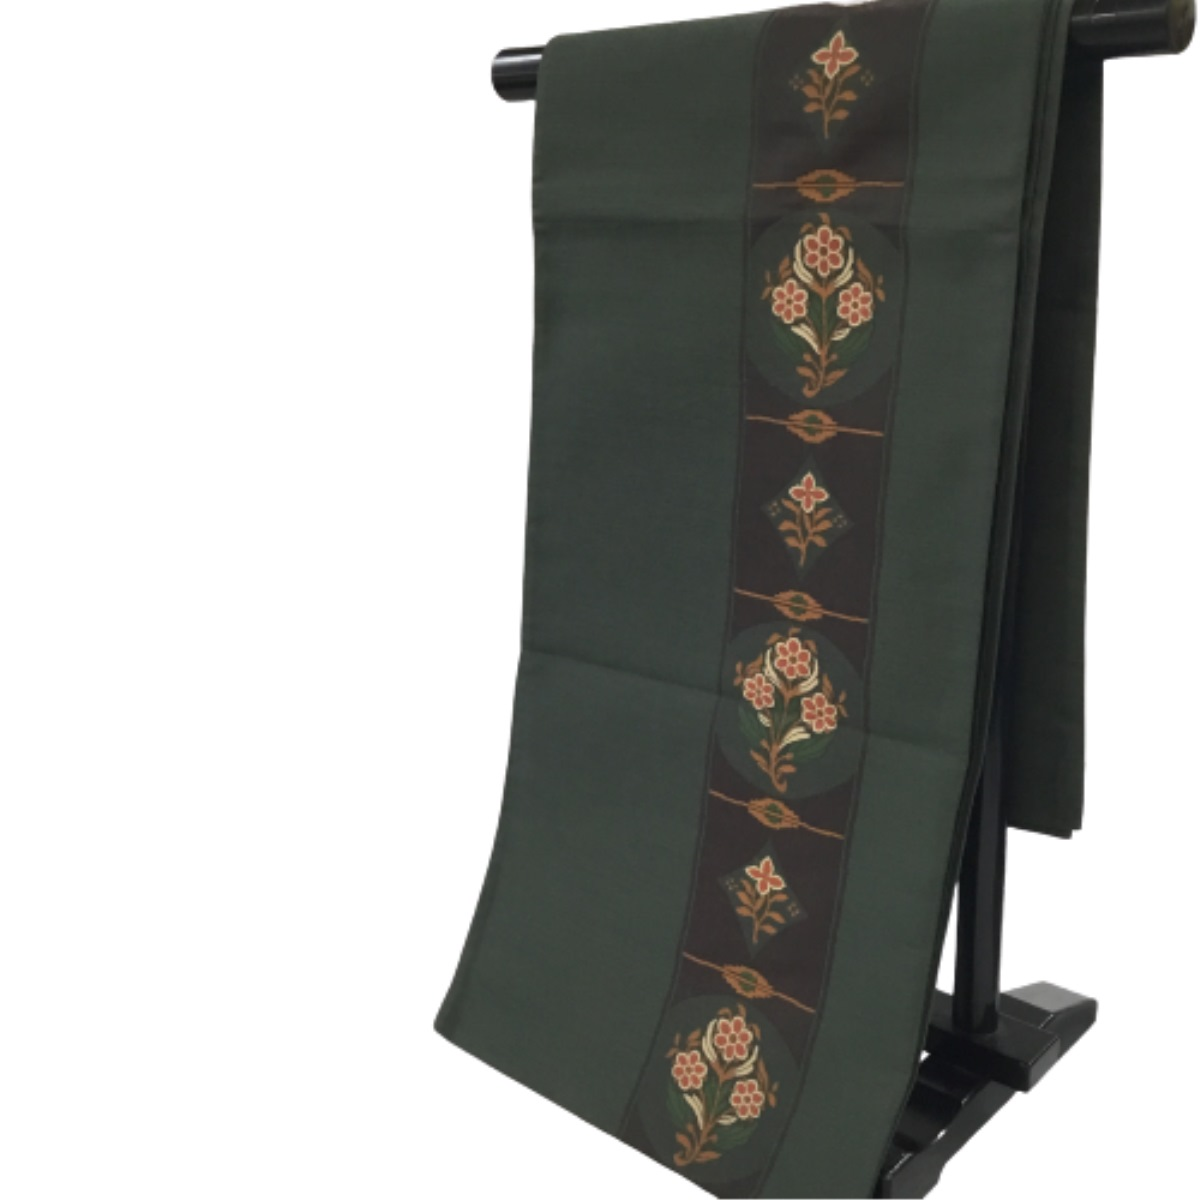 安い 中古 和装 4年保証 着物 帯 グリーン 縦柄 花 袋帯